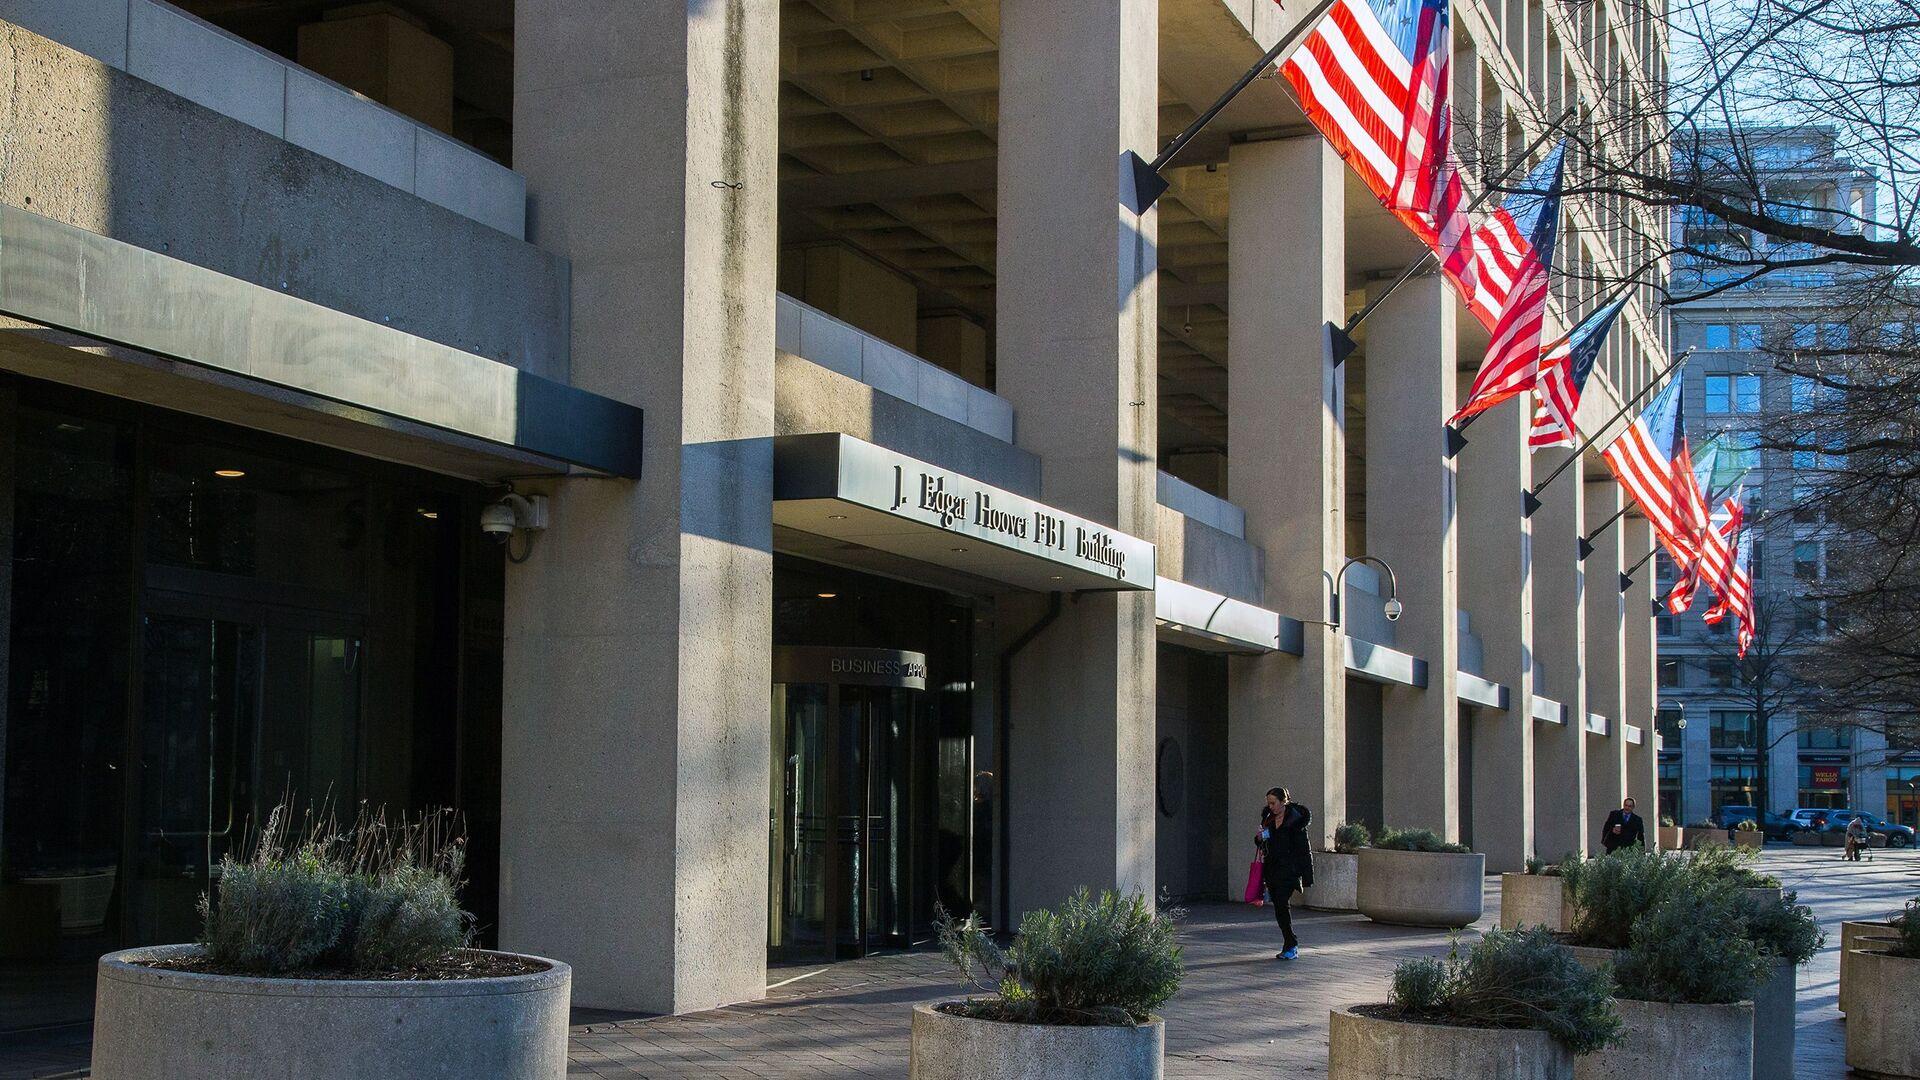 Zgrada Federalnog istražnog biroa (FBI) u Vašingtonu - Sputnik Srbija, 1920, 27.02.2021